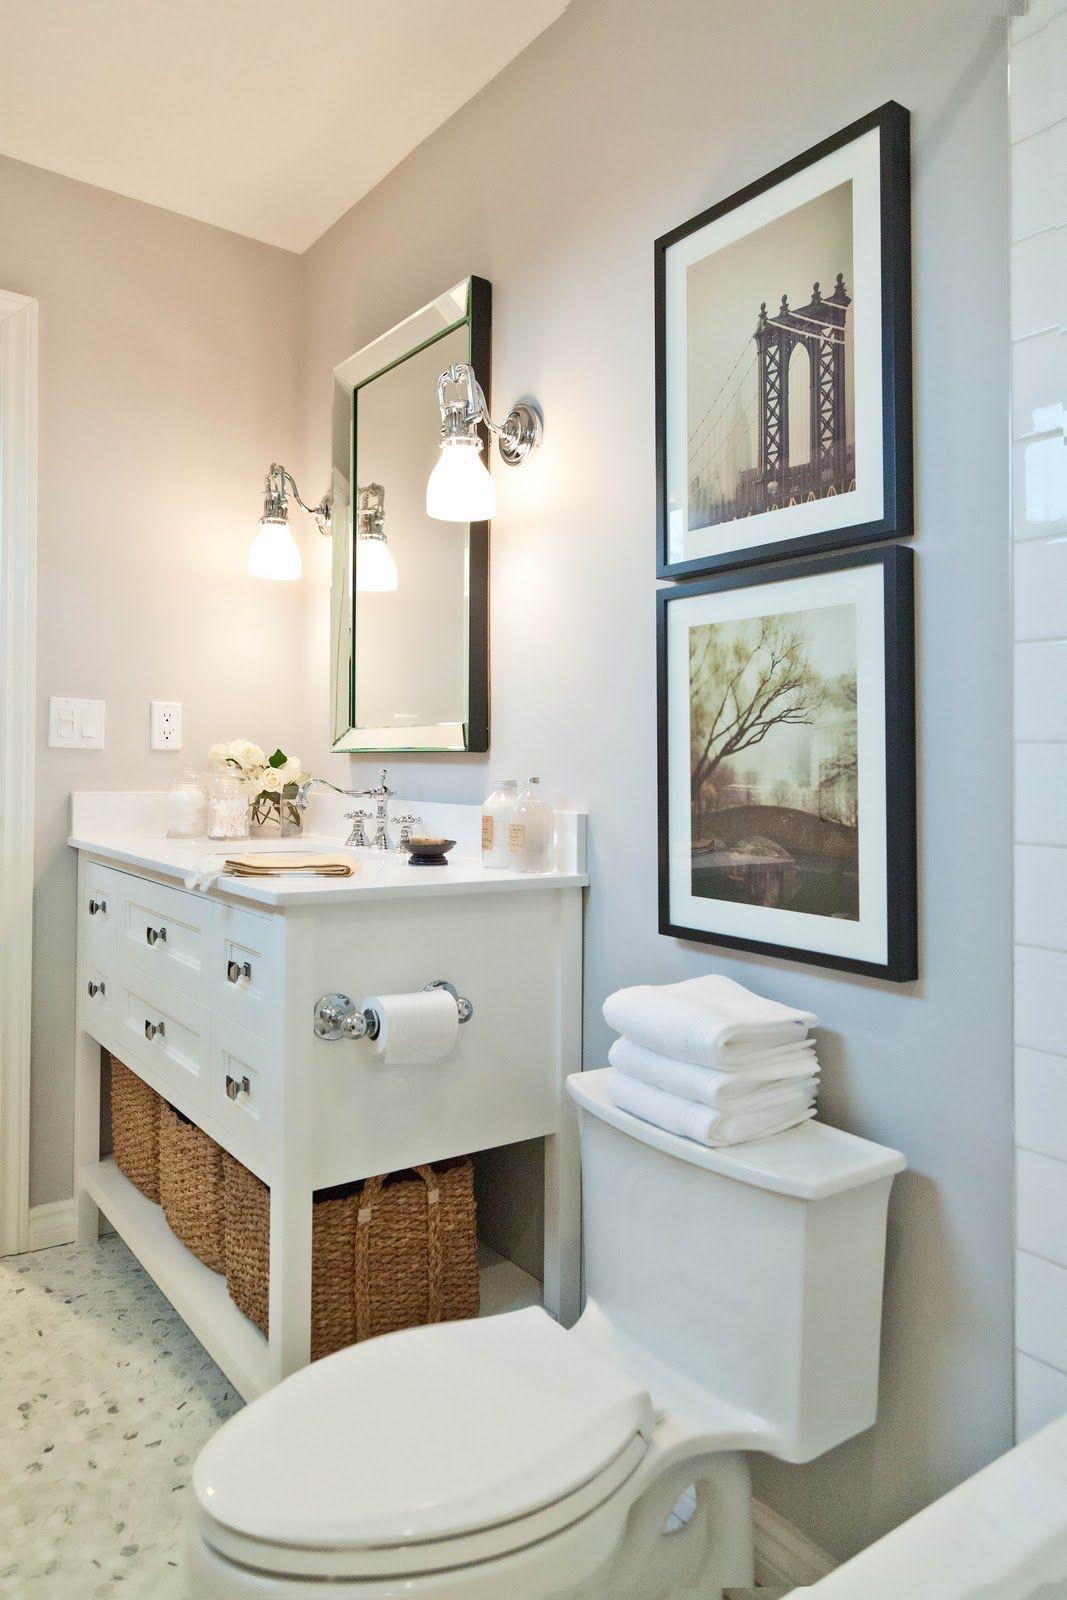 ARMONIA & ESTILO Ideas para decorar y organizar con éxito tu casa o ...